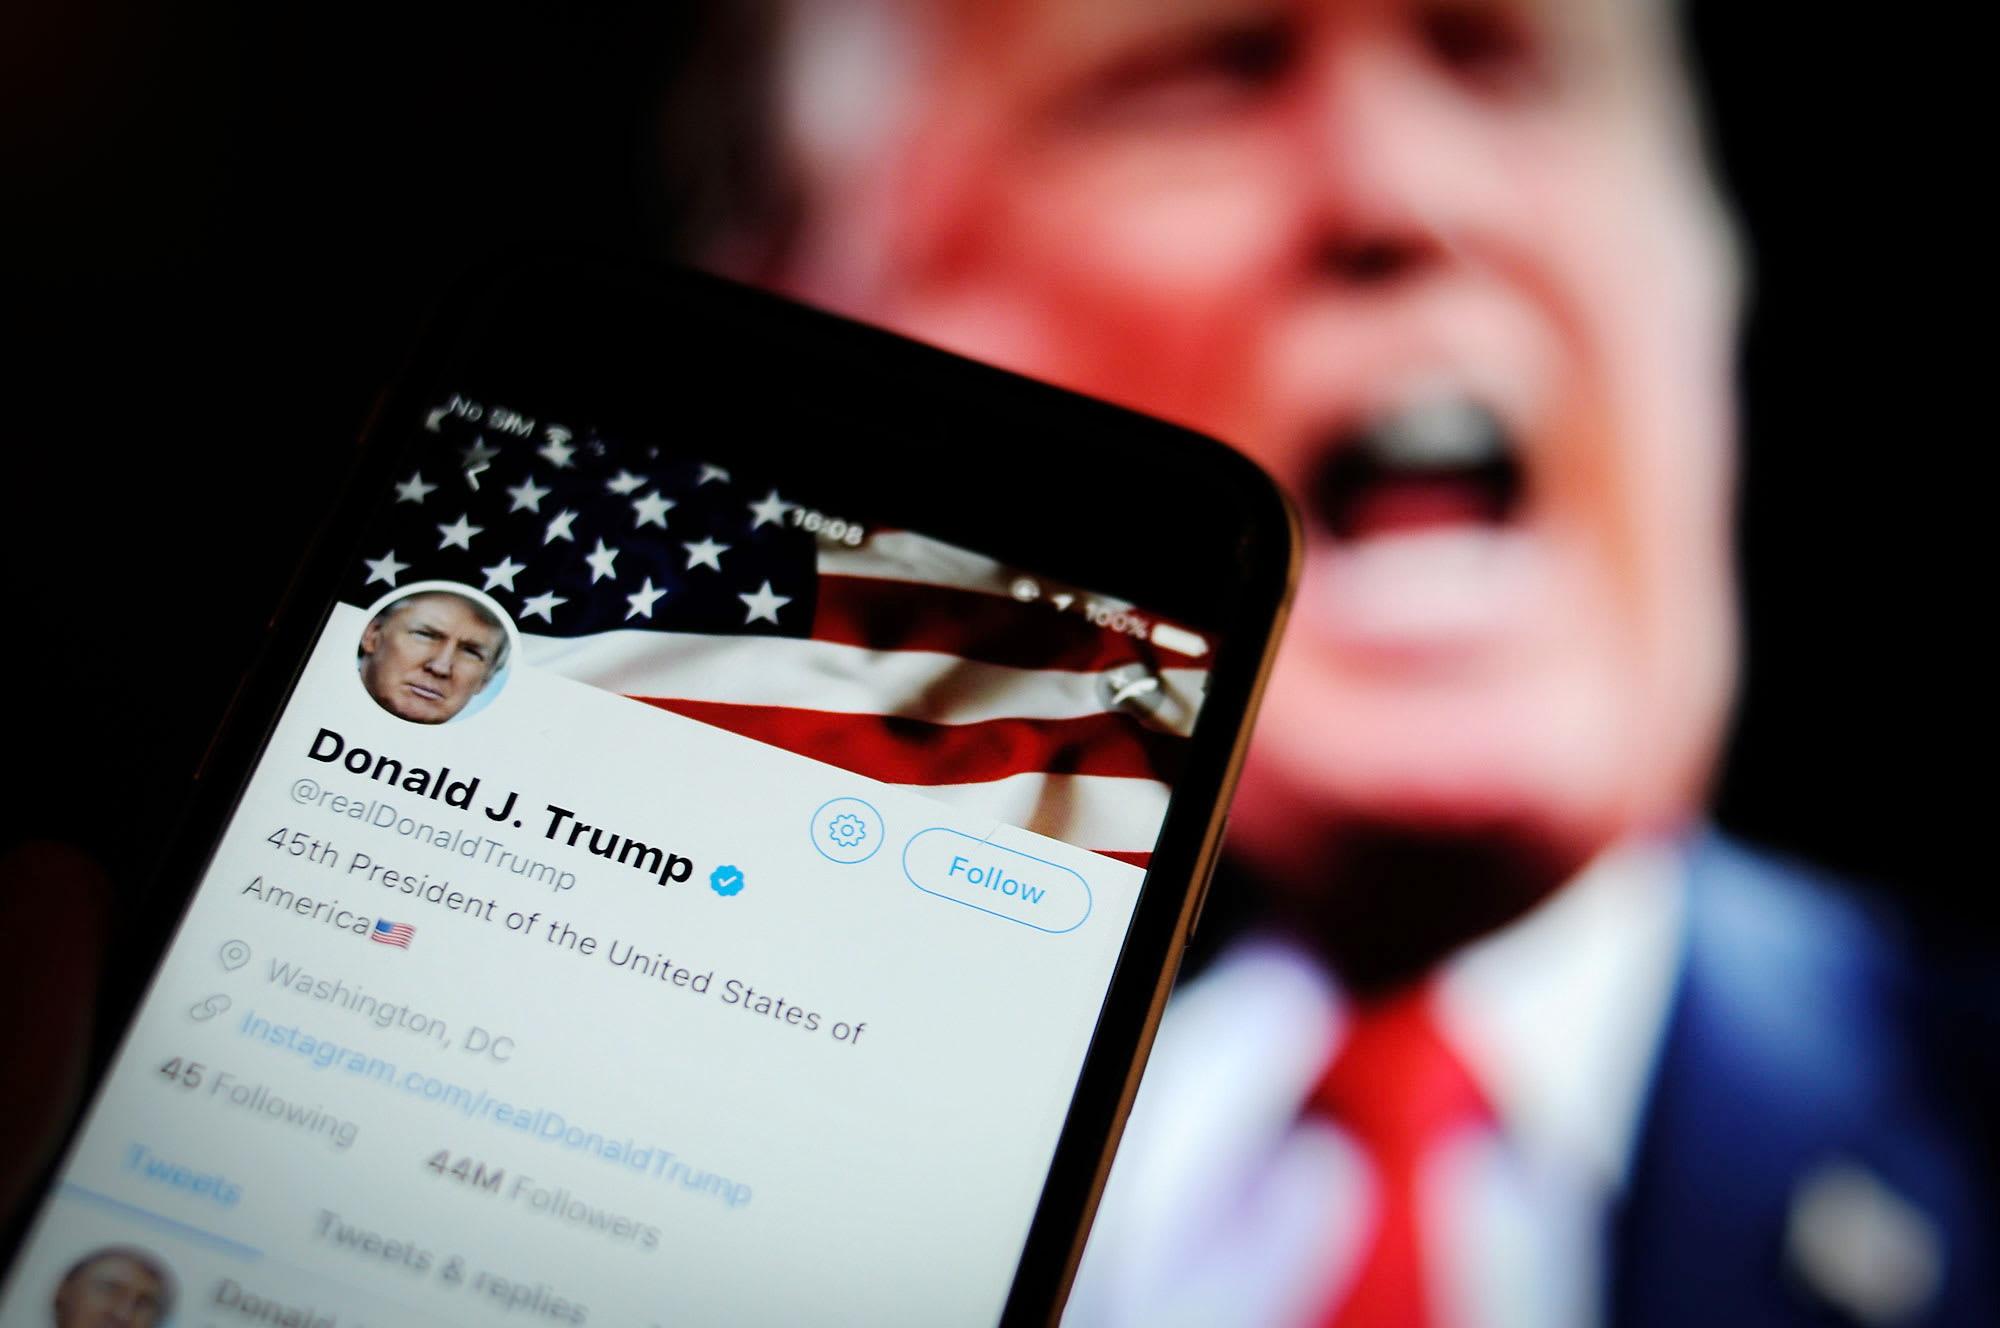 Donald Trump Twitter password